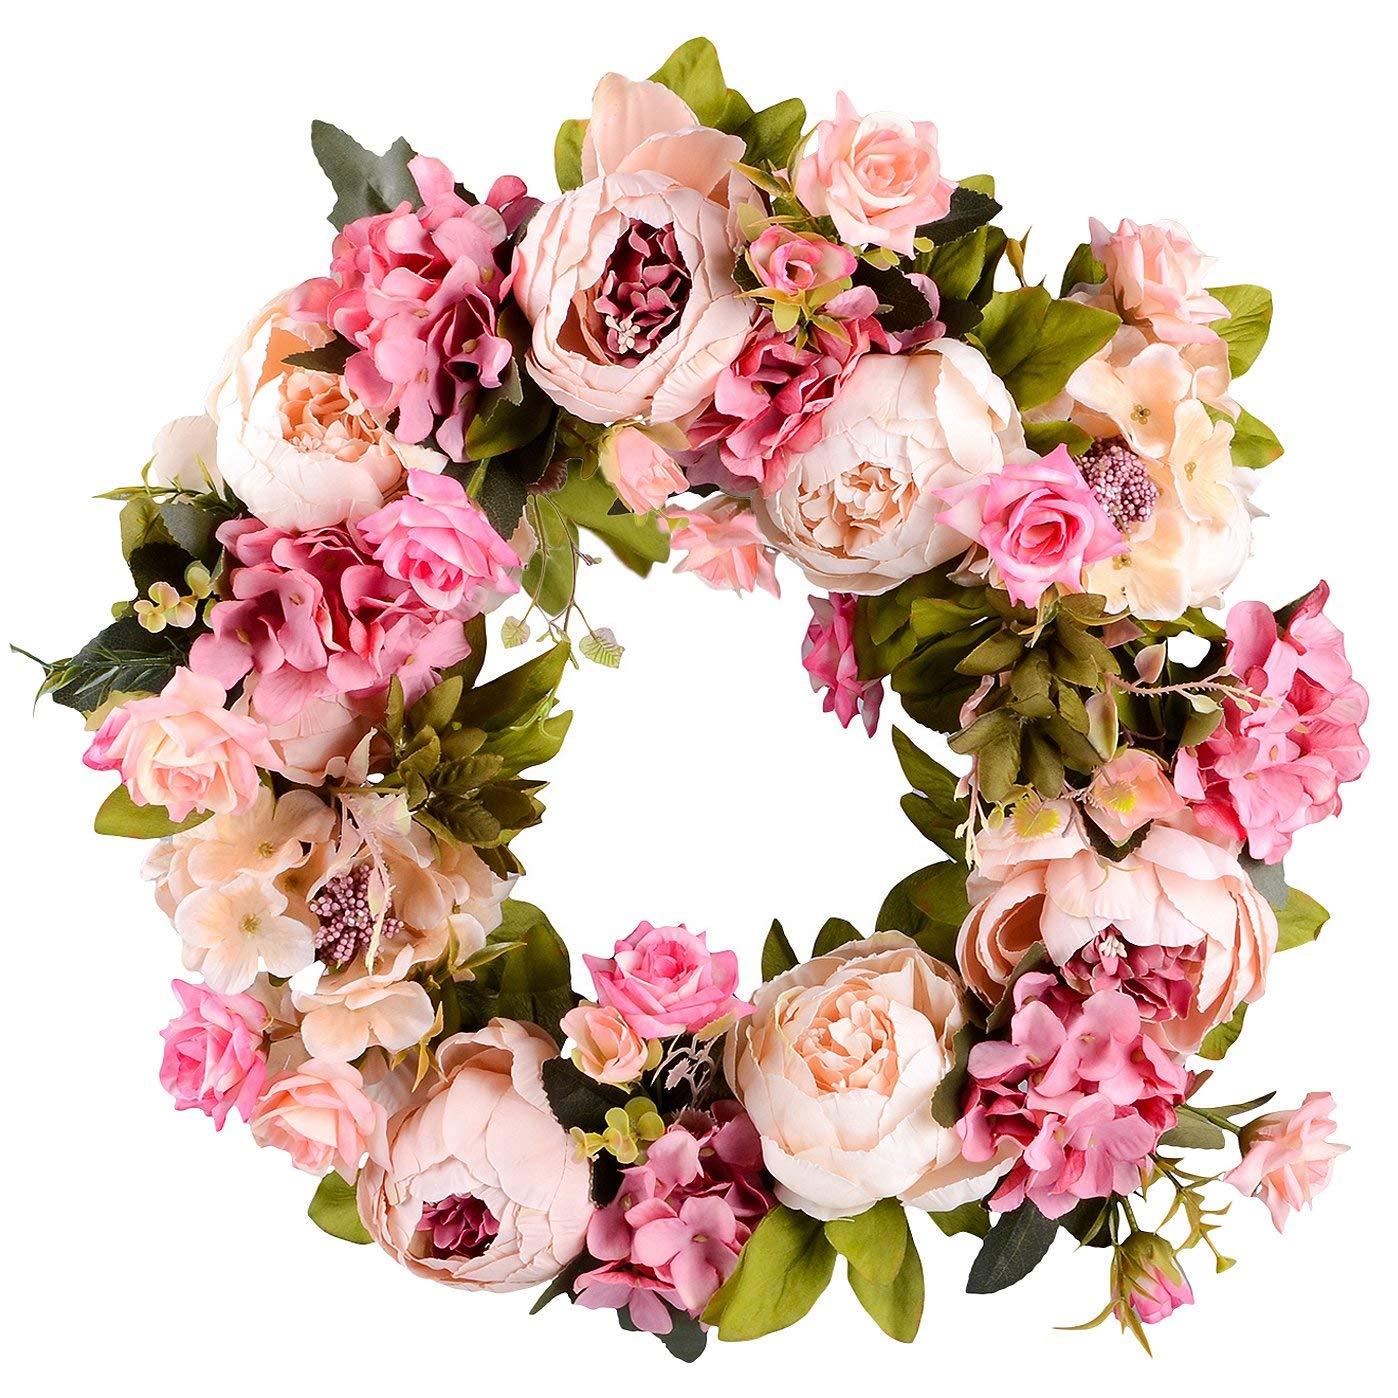 Artificial Flower Wreath Peony Wreath - 16inch Door Spring Wreath Round Wreath For The Front Door, Wedding, Home